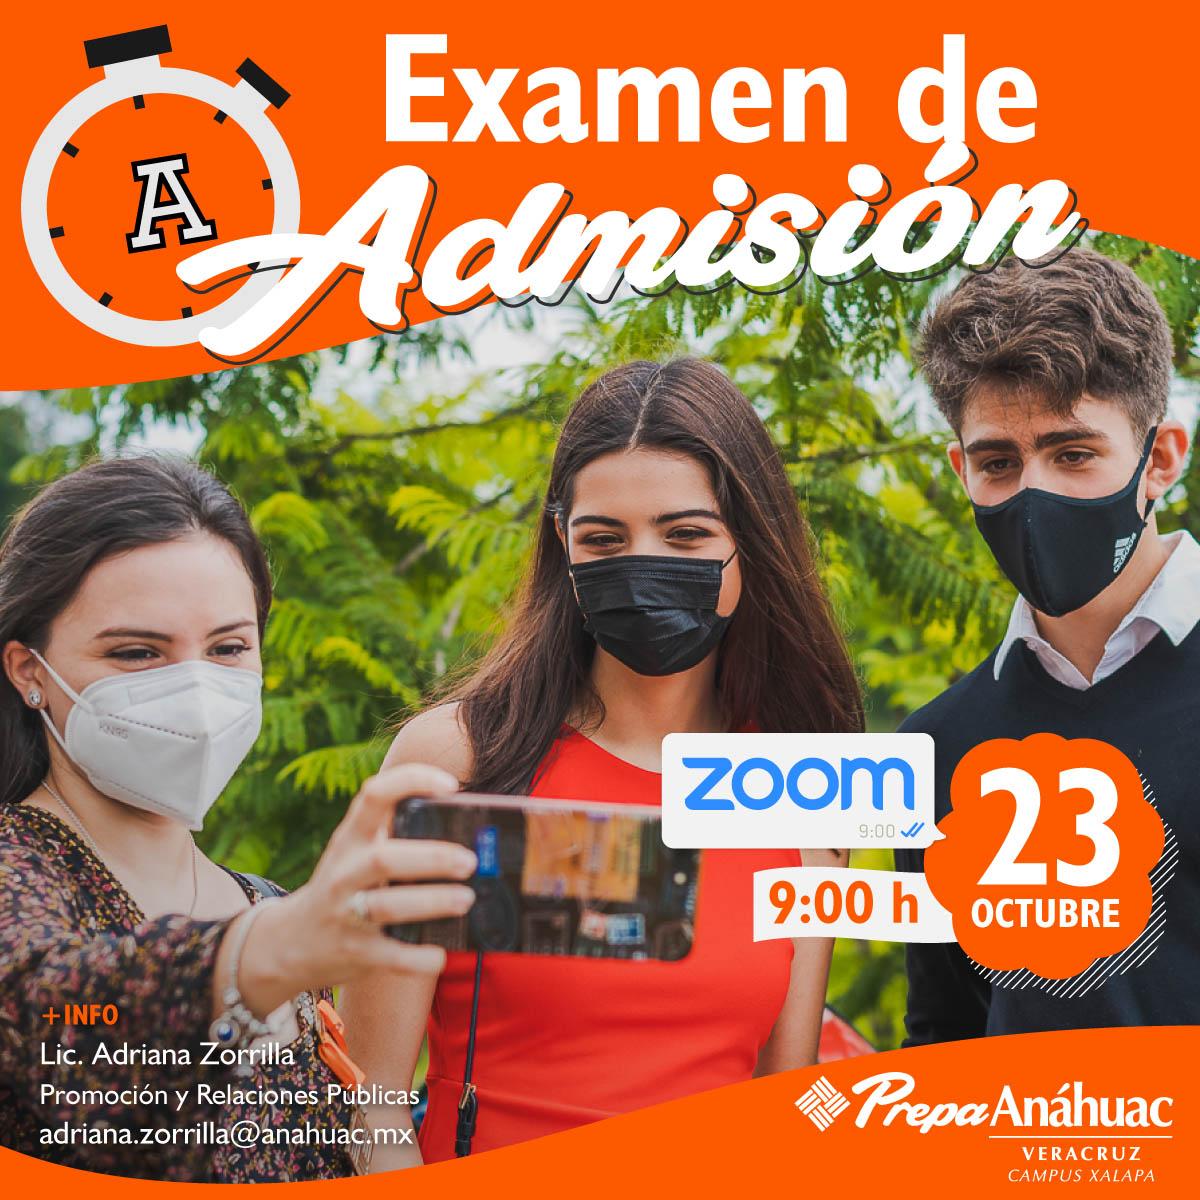 Examen de Admisión Online Campus Xalapa